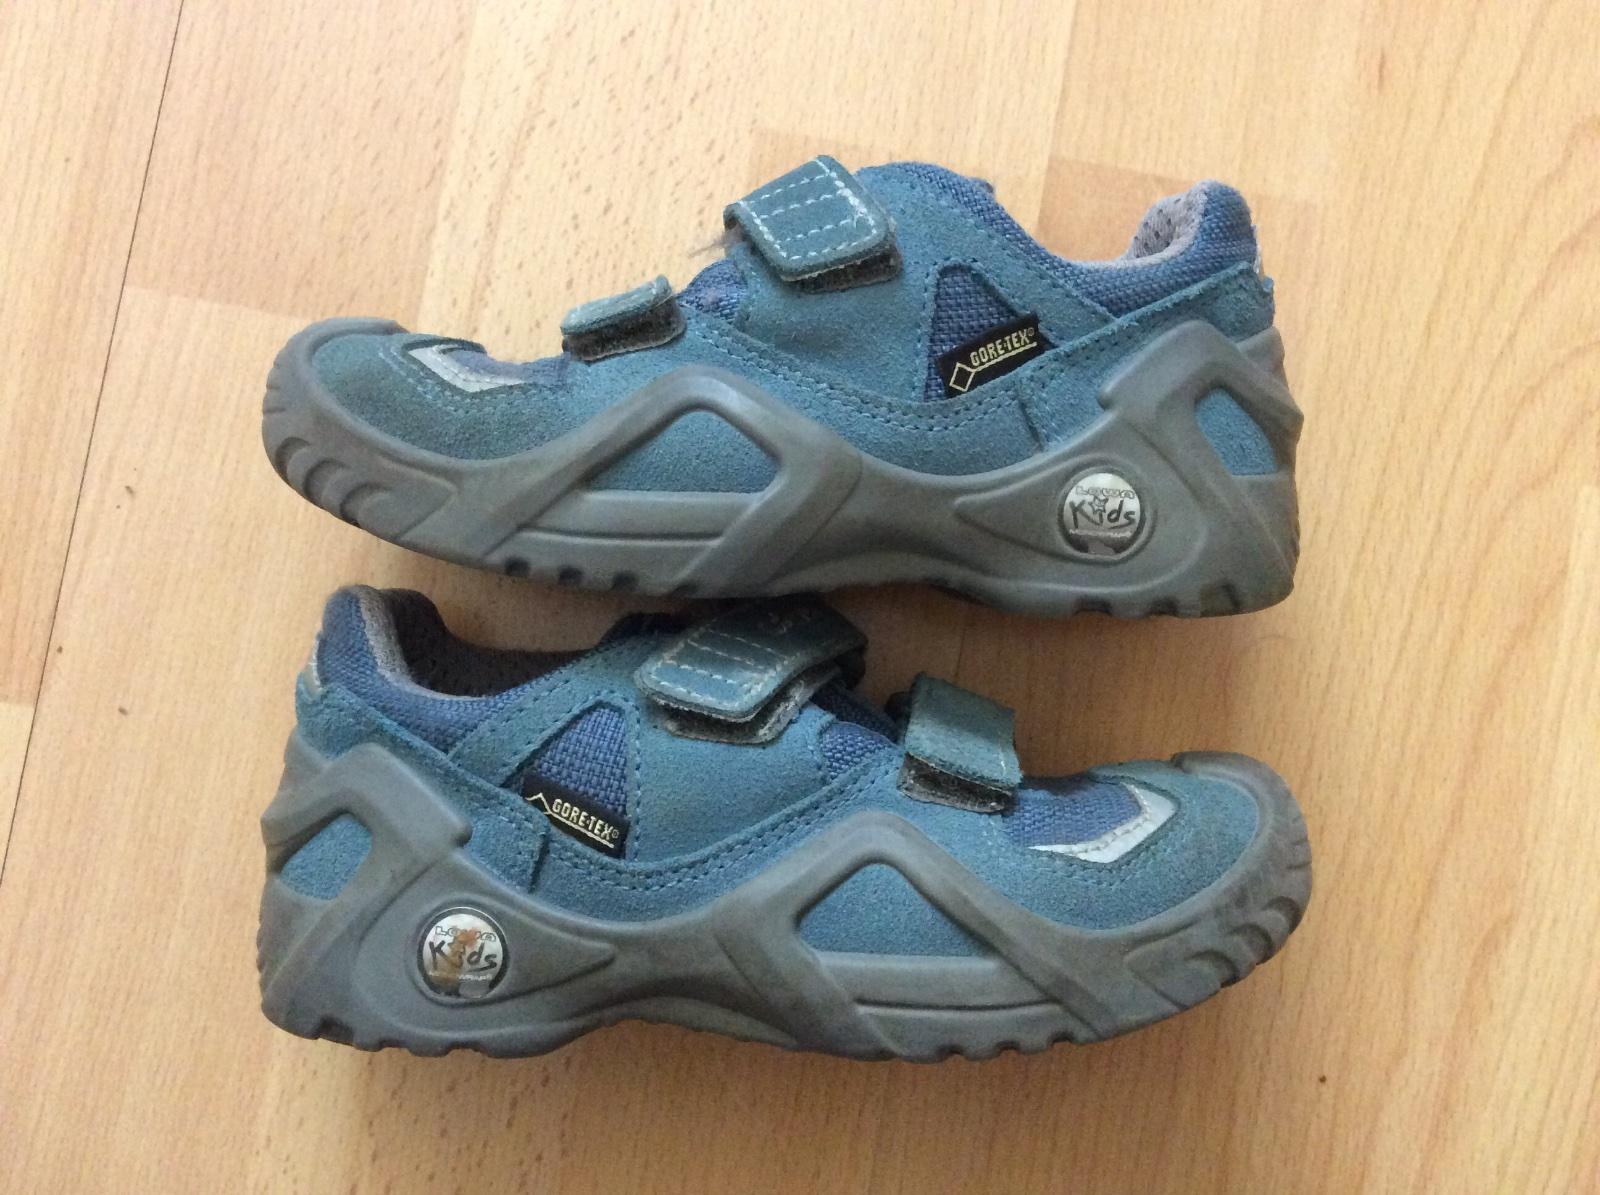 fc9d01f60 Goretex topánky lowa, 29 - 15 € od predávajúcej gasparka | Detský bazár |  ModryKonik.sk